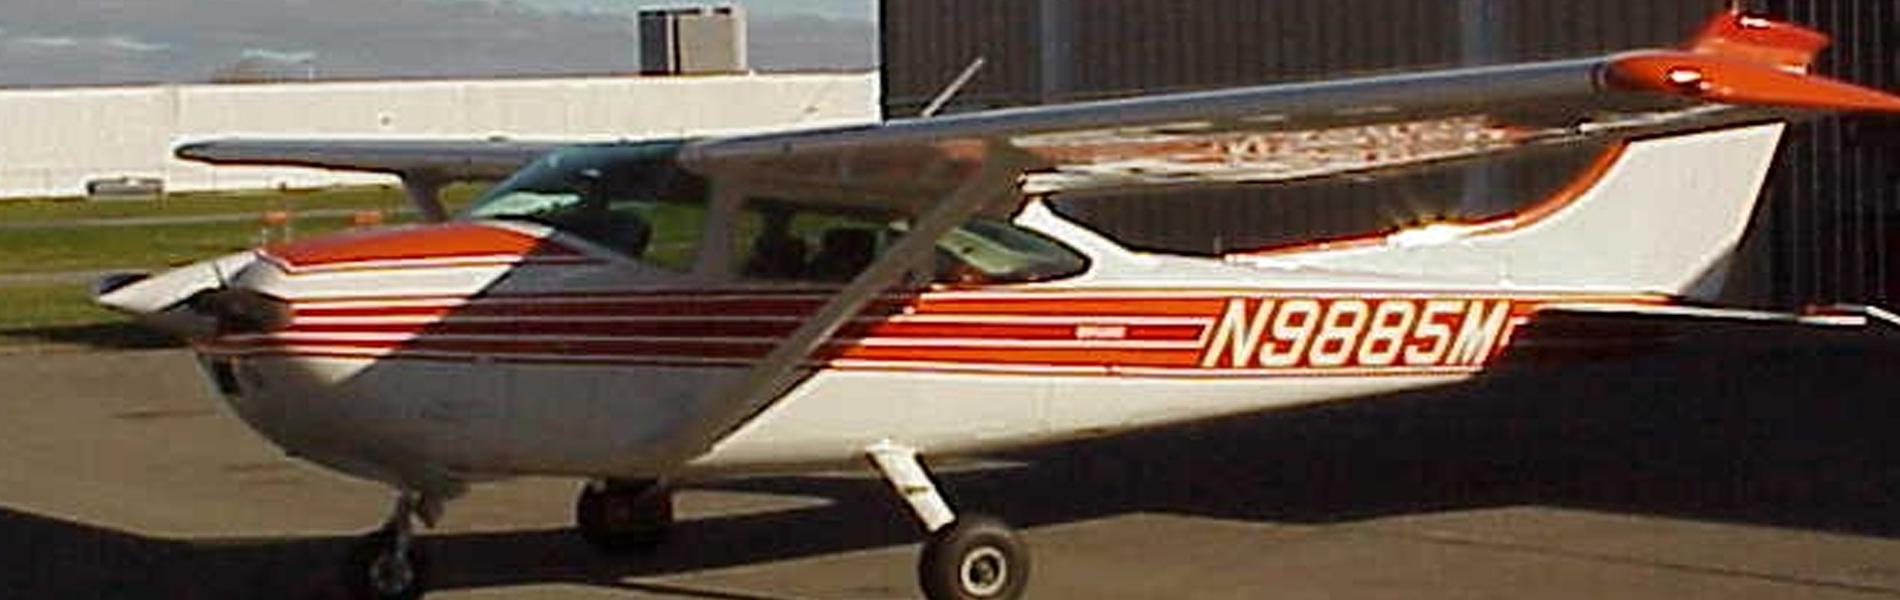 Troy Oakland Pilots